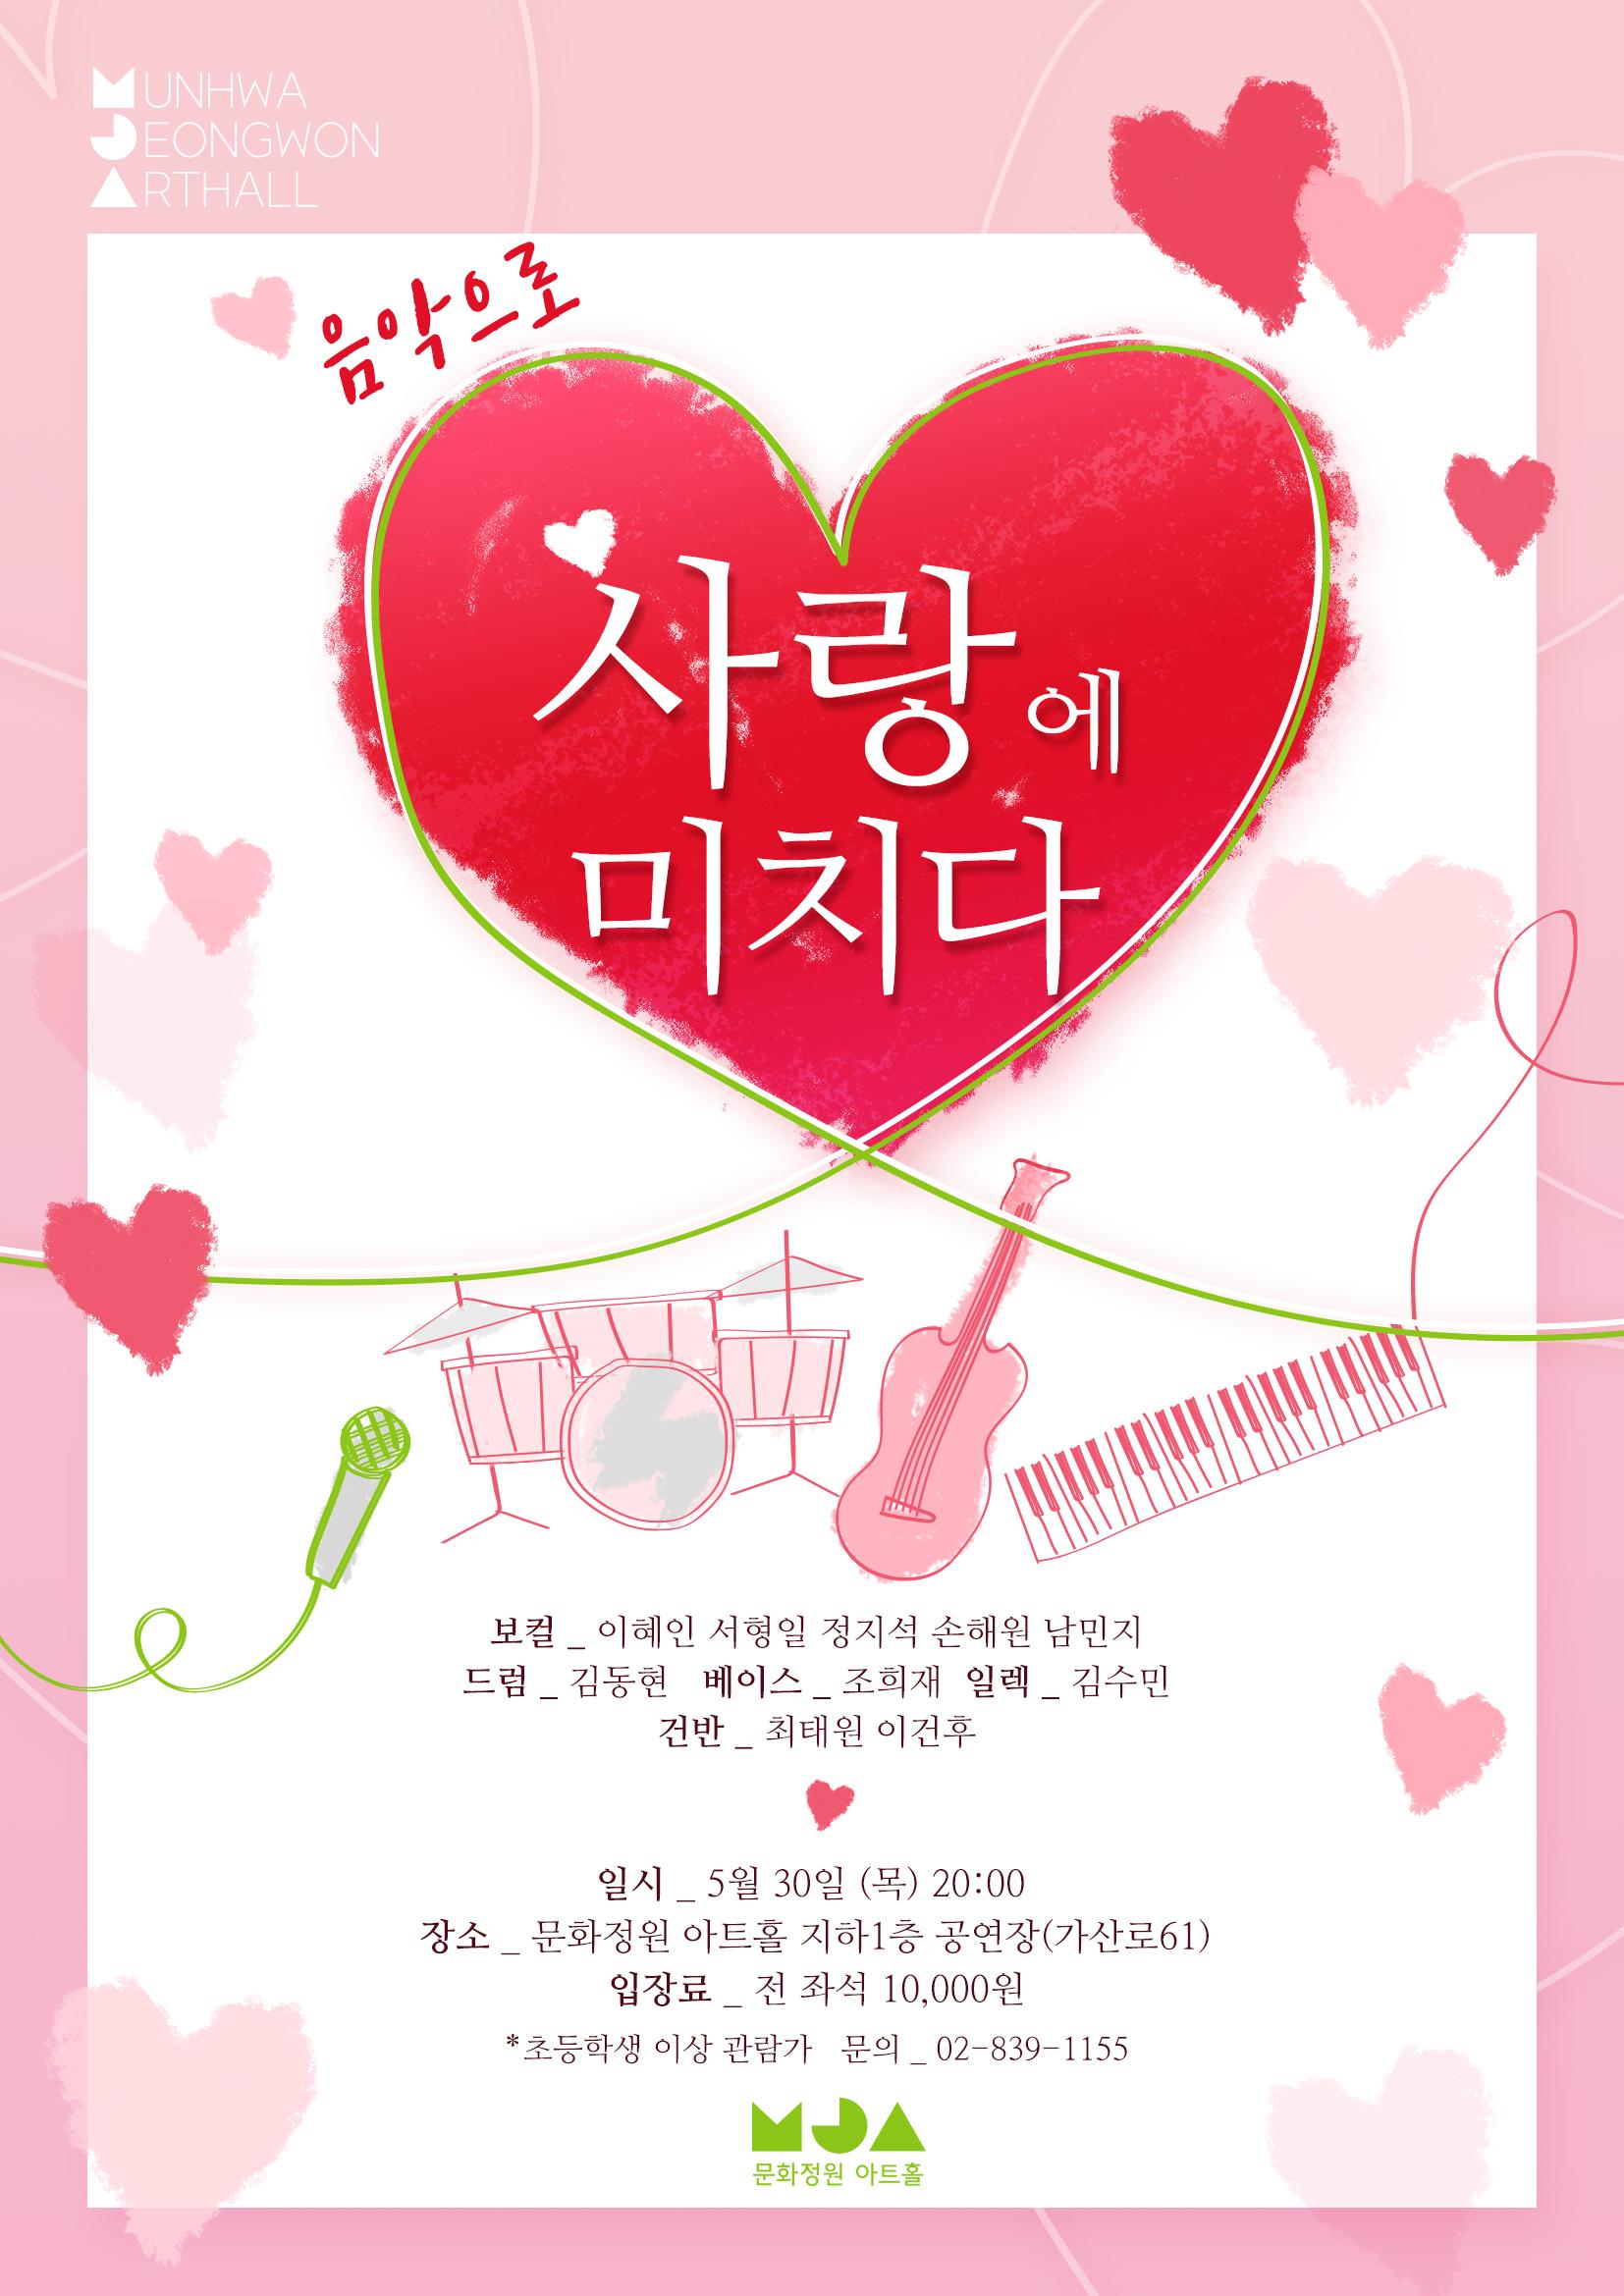 문화정원_poster_190517_final.jpg